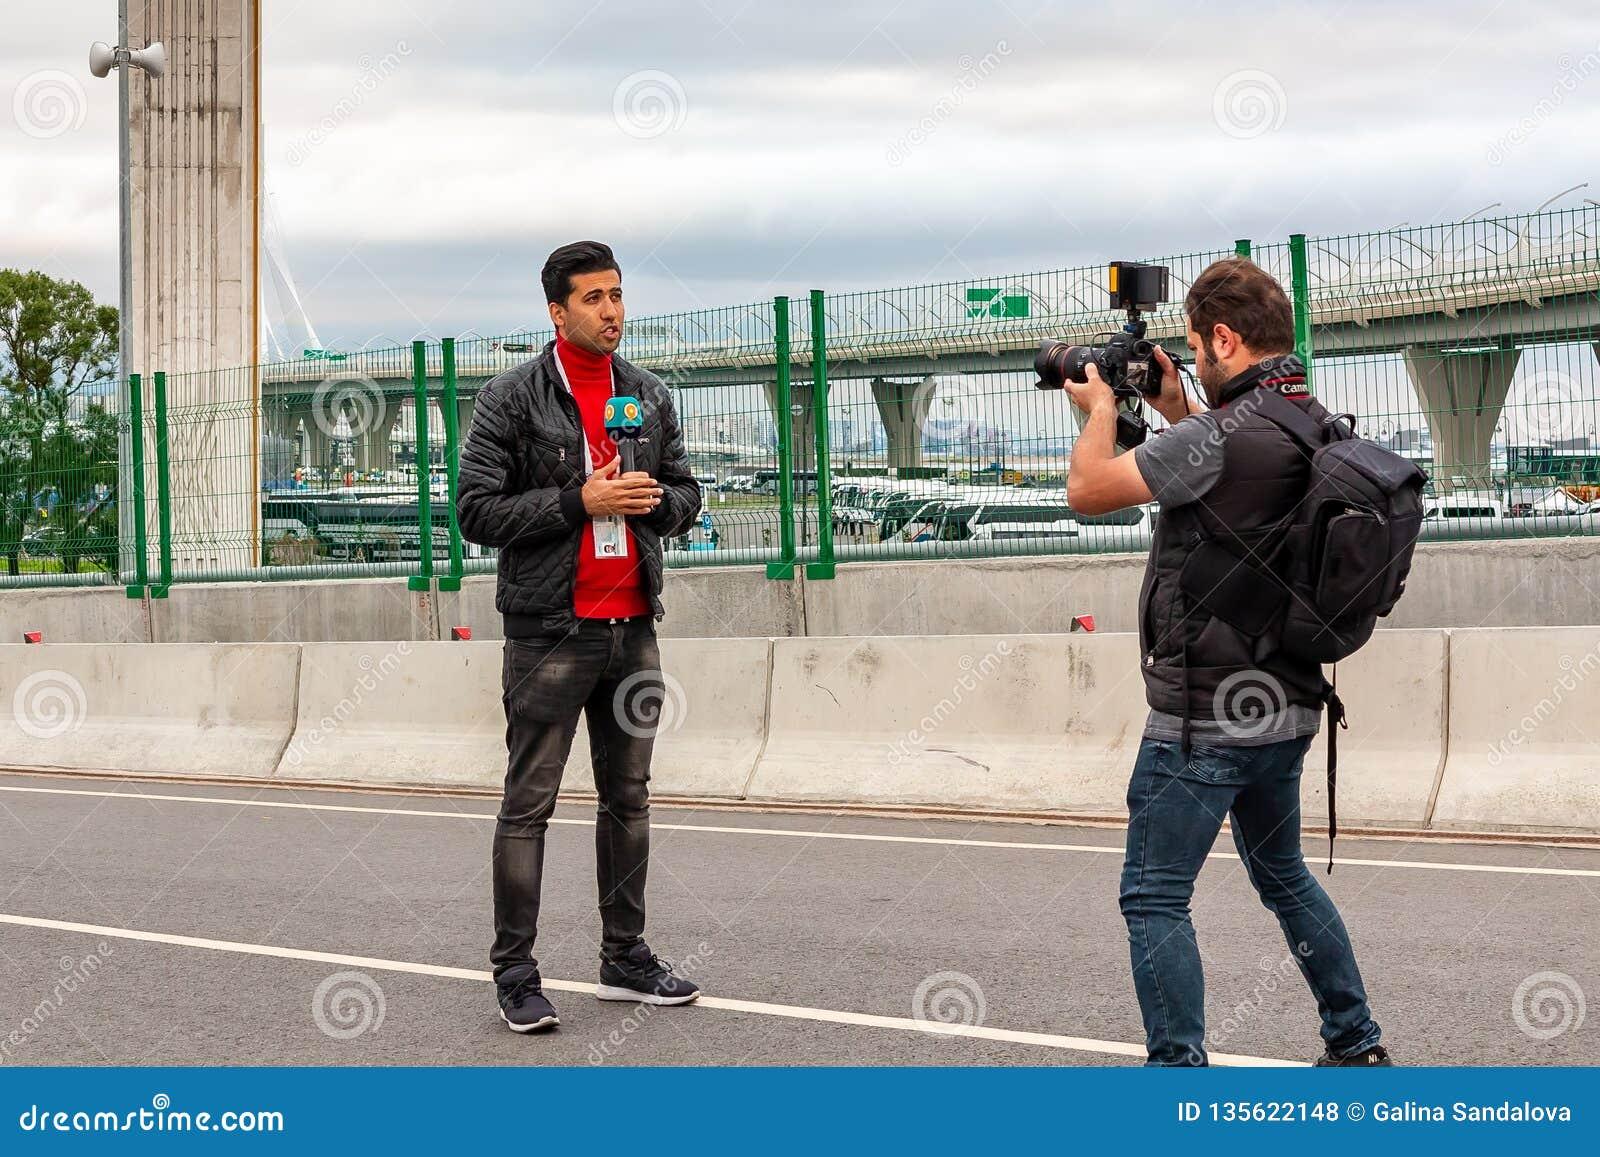 St. Petersburg, Rusland - Juli 10, 2018: TV-de Verslaggevers melden levend van de Jachtbrug vóór de voetbalwedstrijd in St